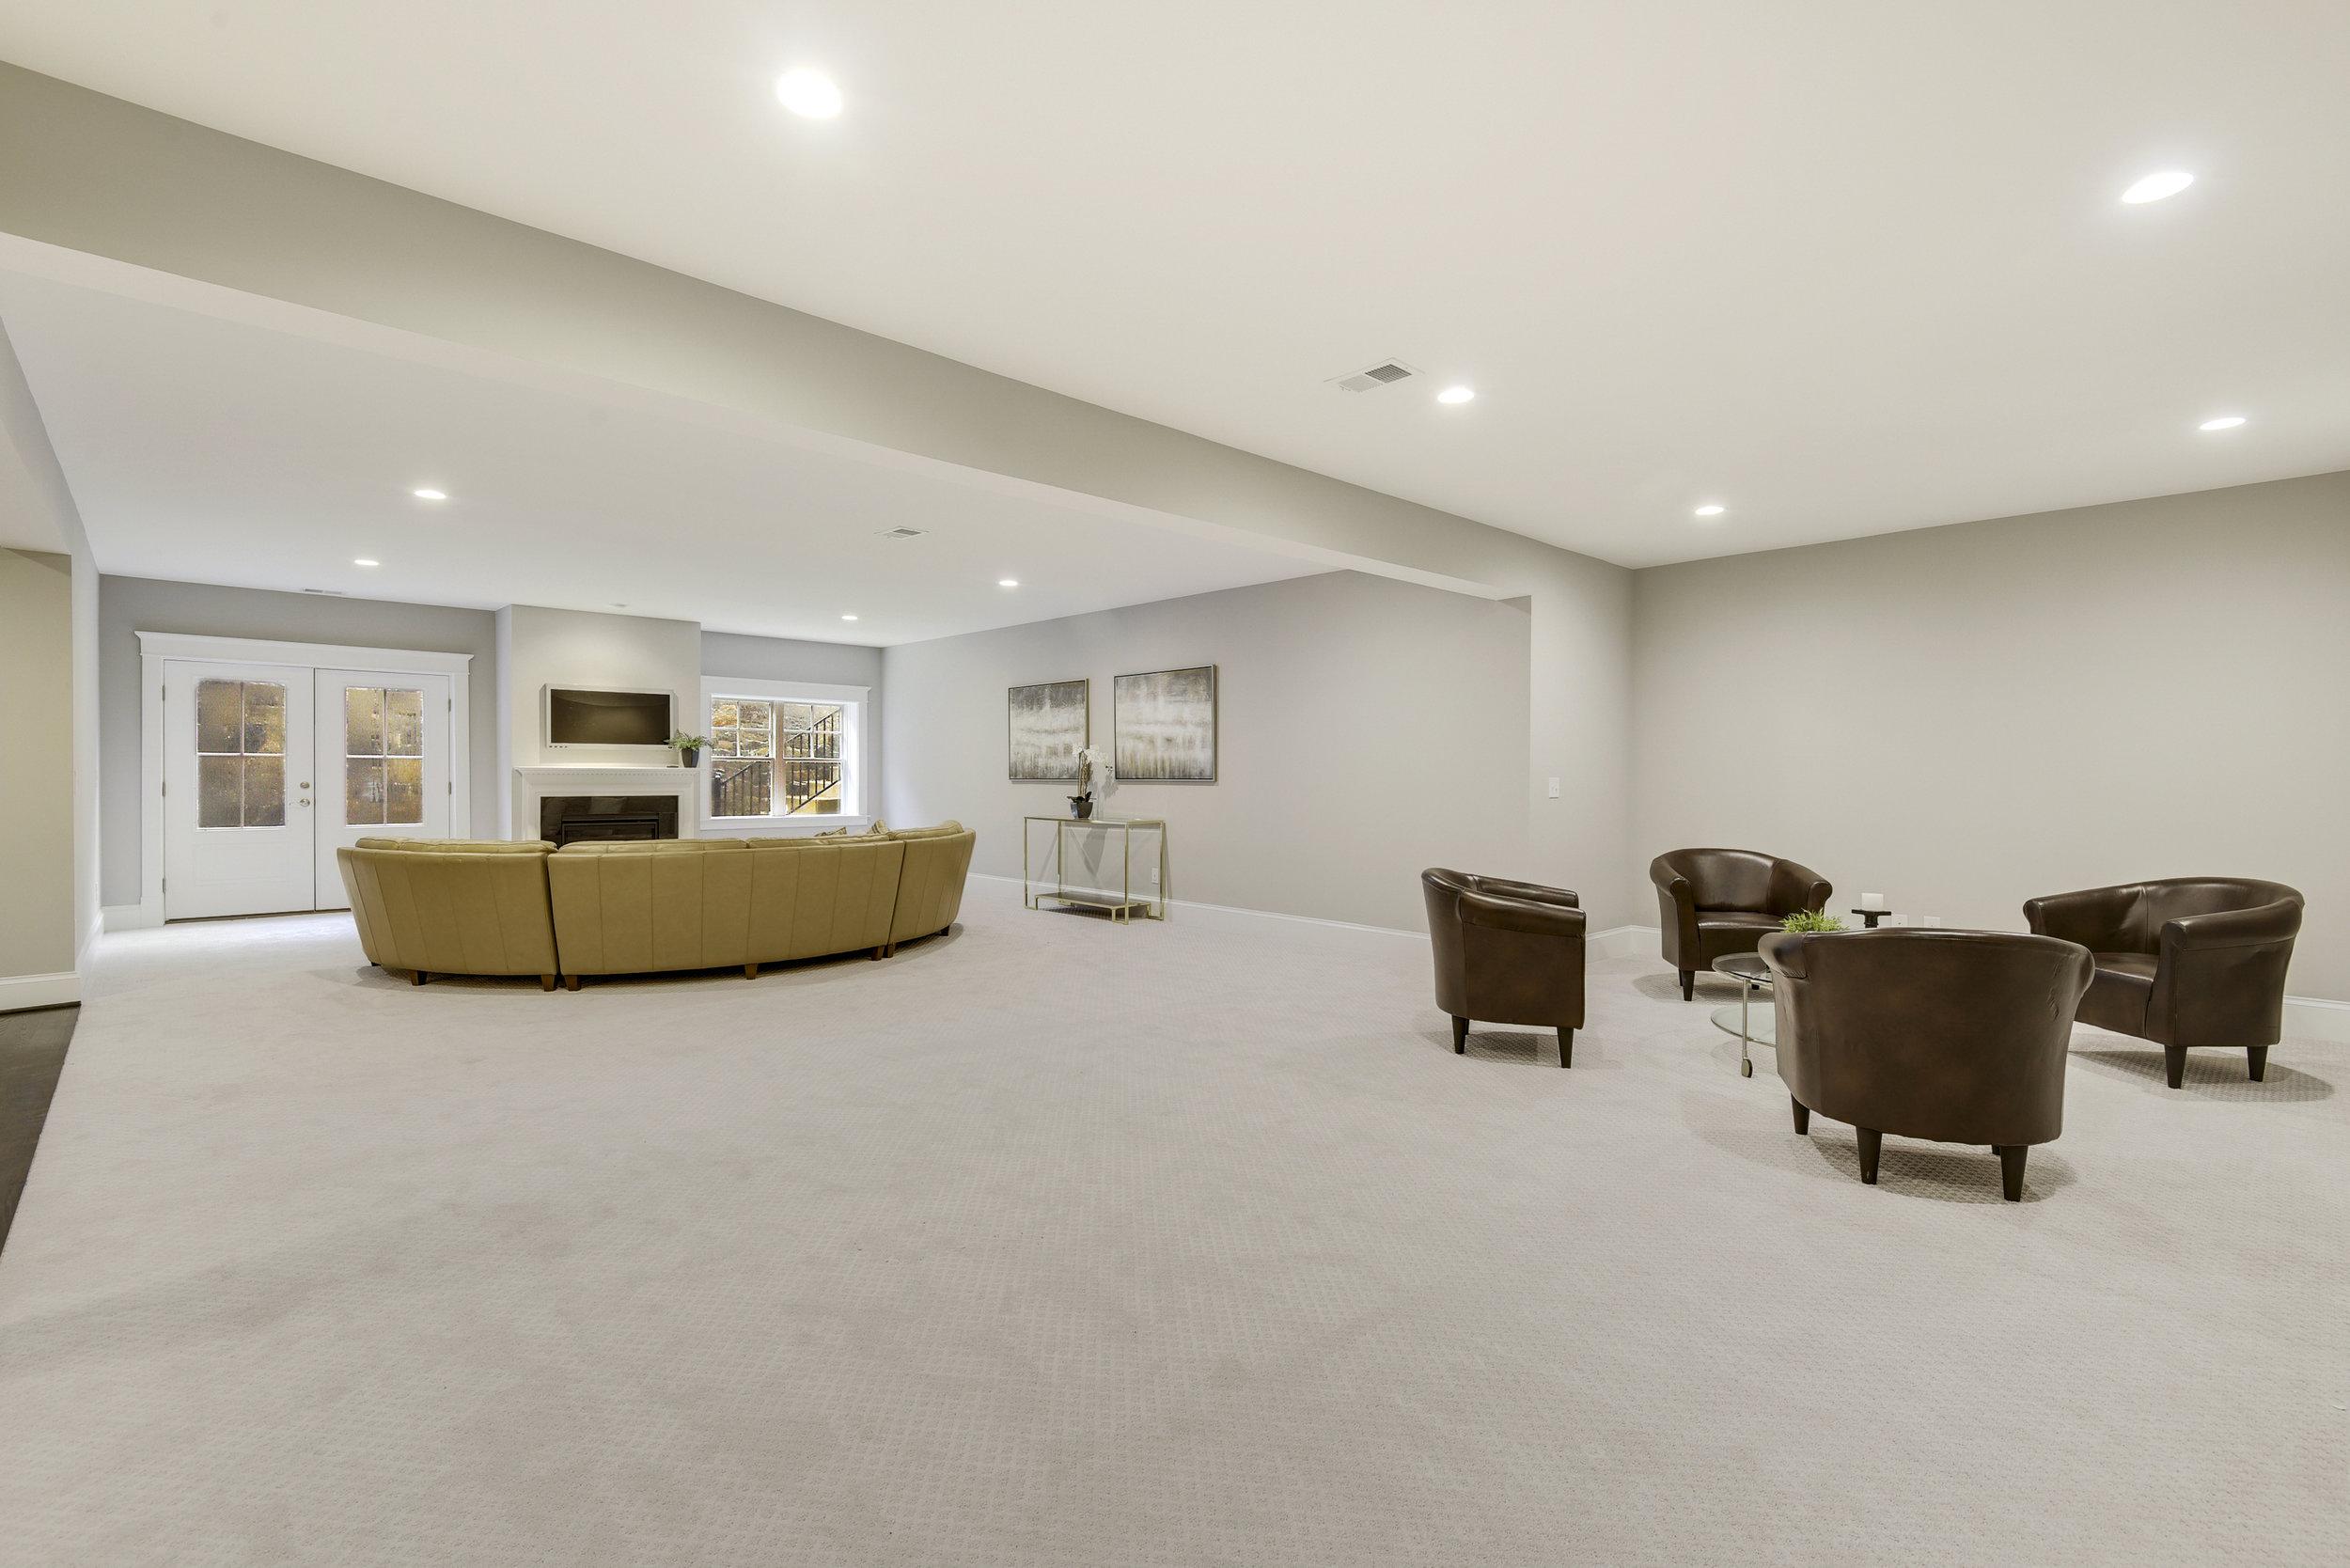 Lower Level-Recreation Room-_DSC9605.JPG